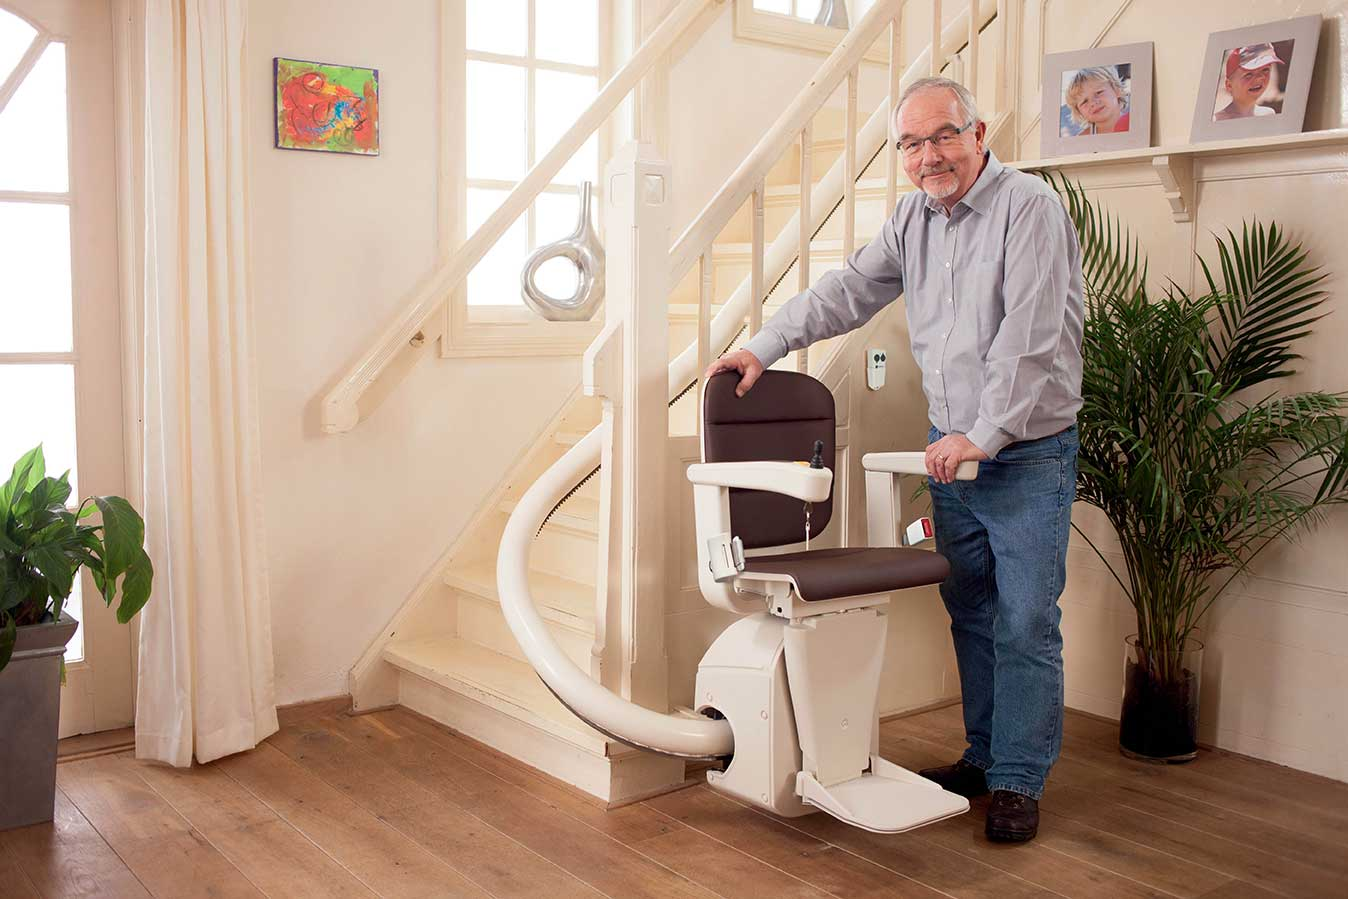 Unum, la silla salvaescaleras que se integra en el entorno